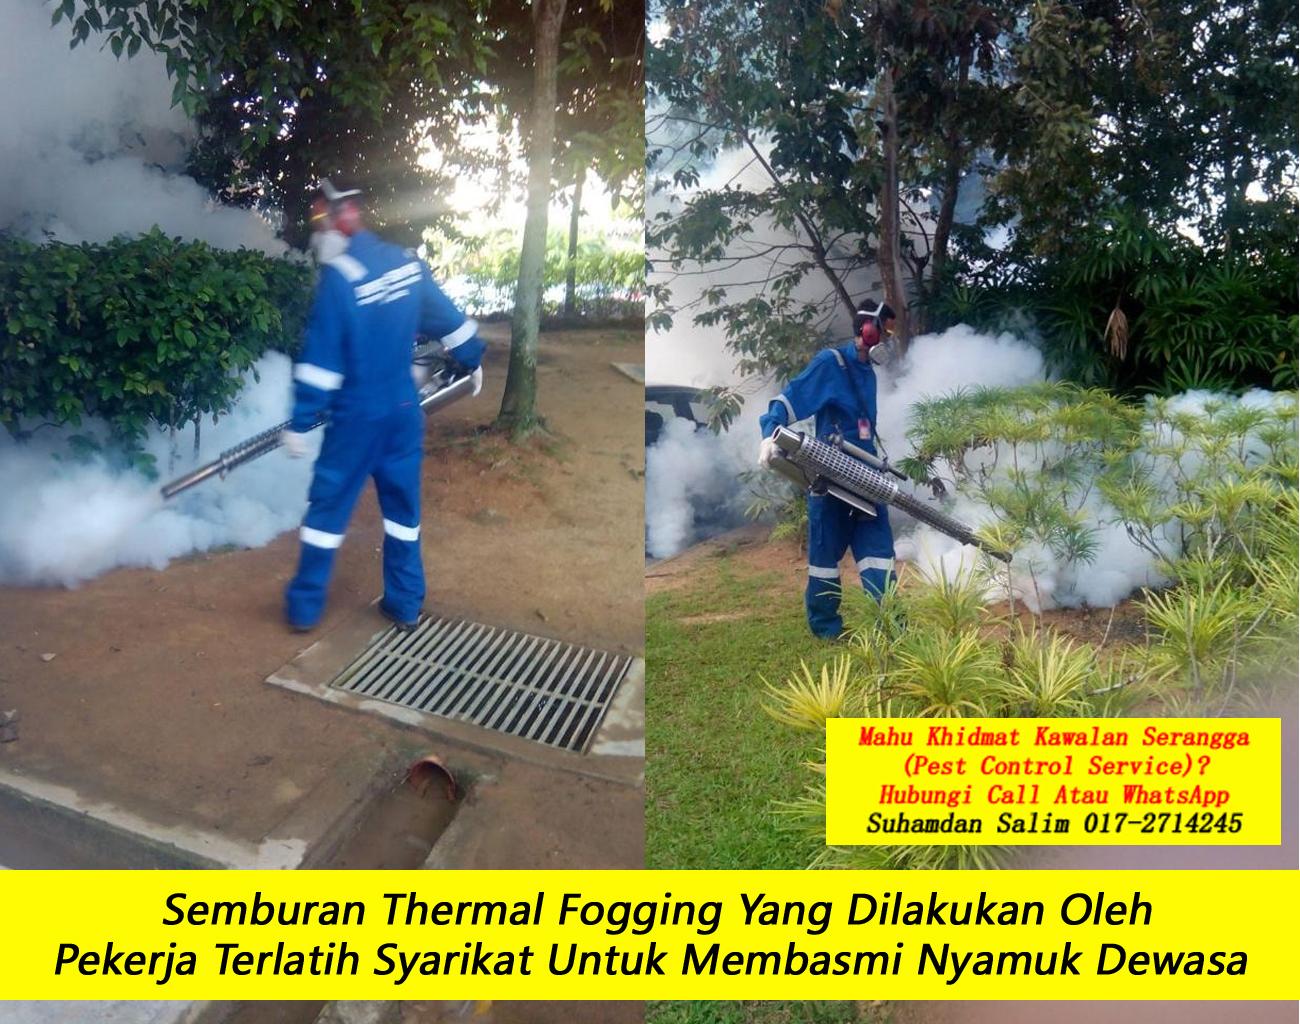 khidmat kawalan semburan nyamuk fogging larvaciding oleh syarikat kawalan serangga company pest control Kampung Datuk Keramat kl felda perumahan kawasan perindustrian near me